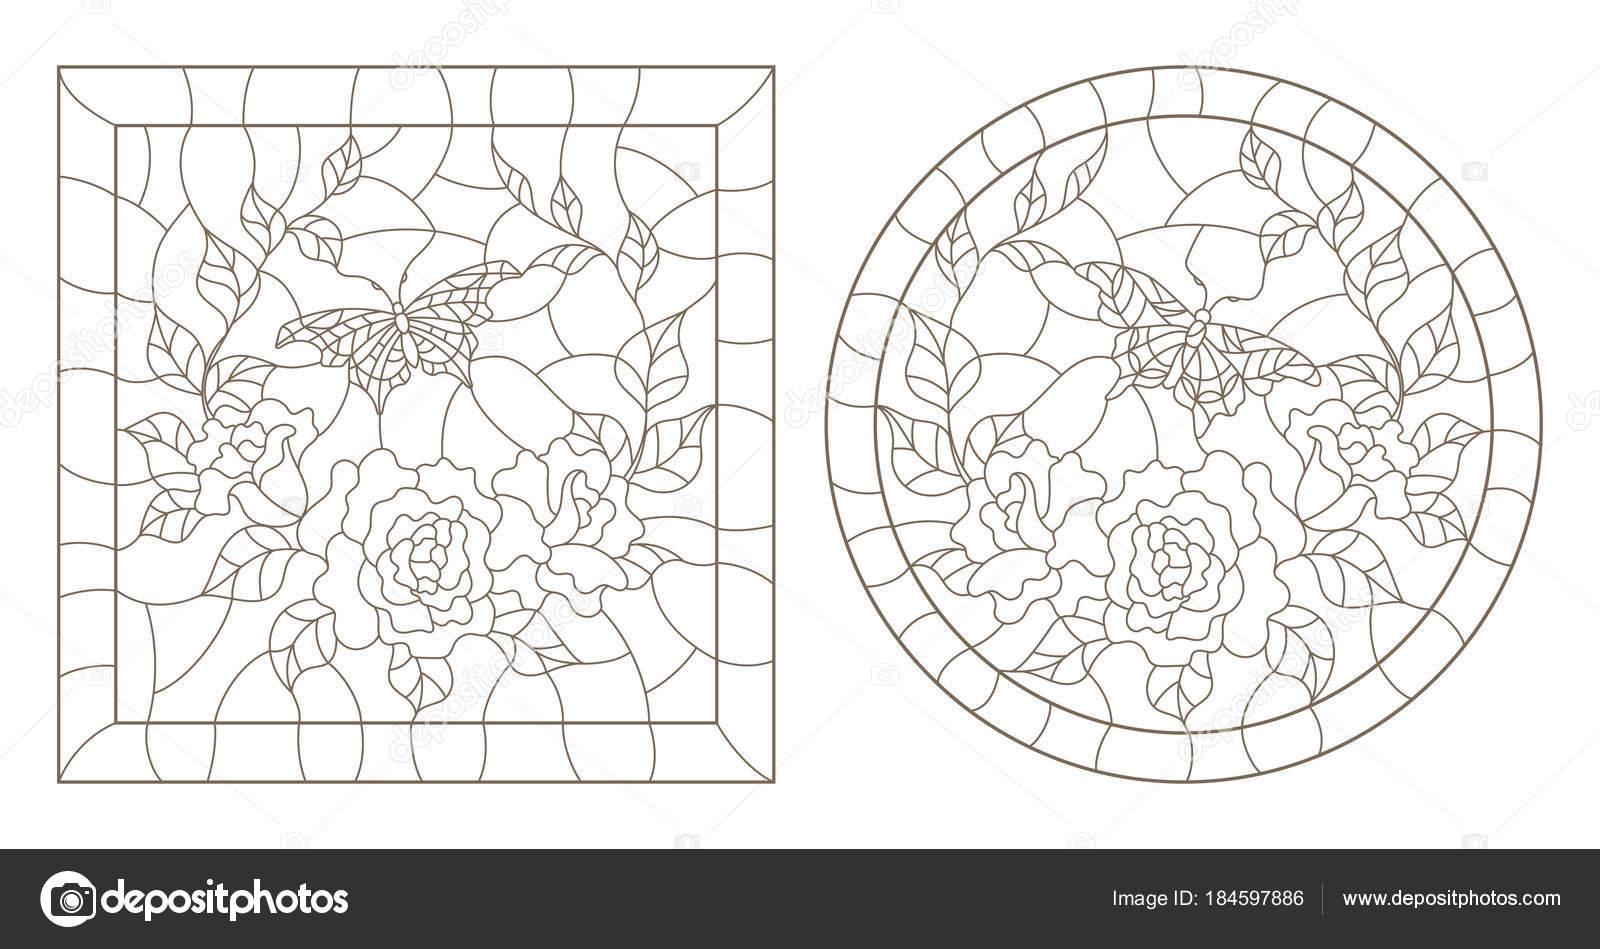 Un conjunto de ilustraciones contornos manchado ventanas de vidrio ...